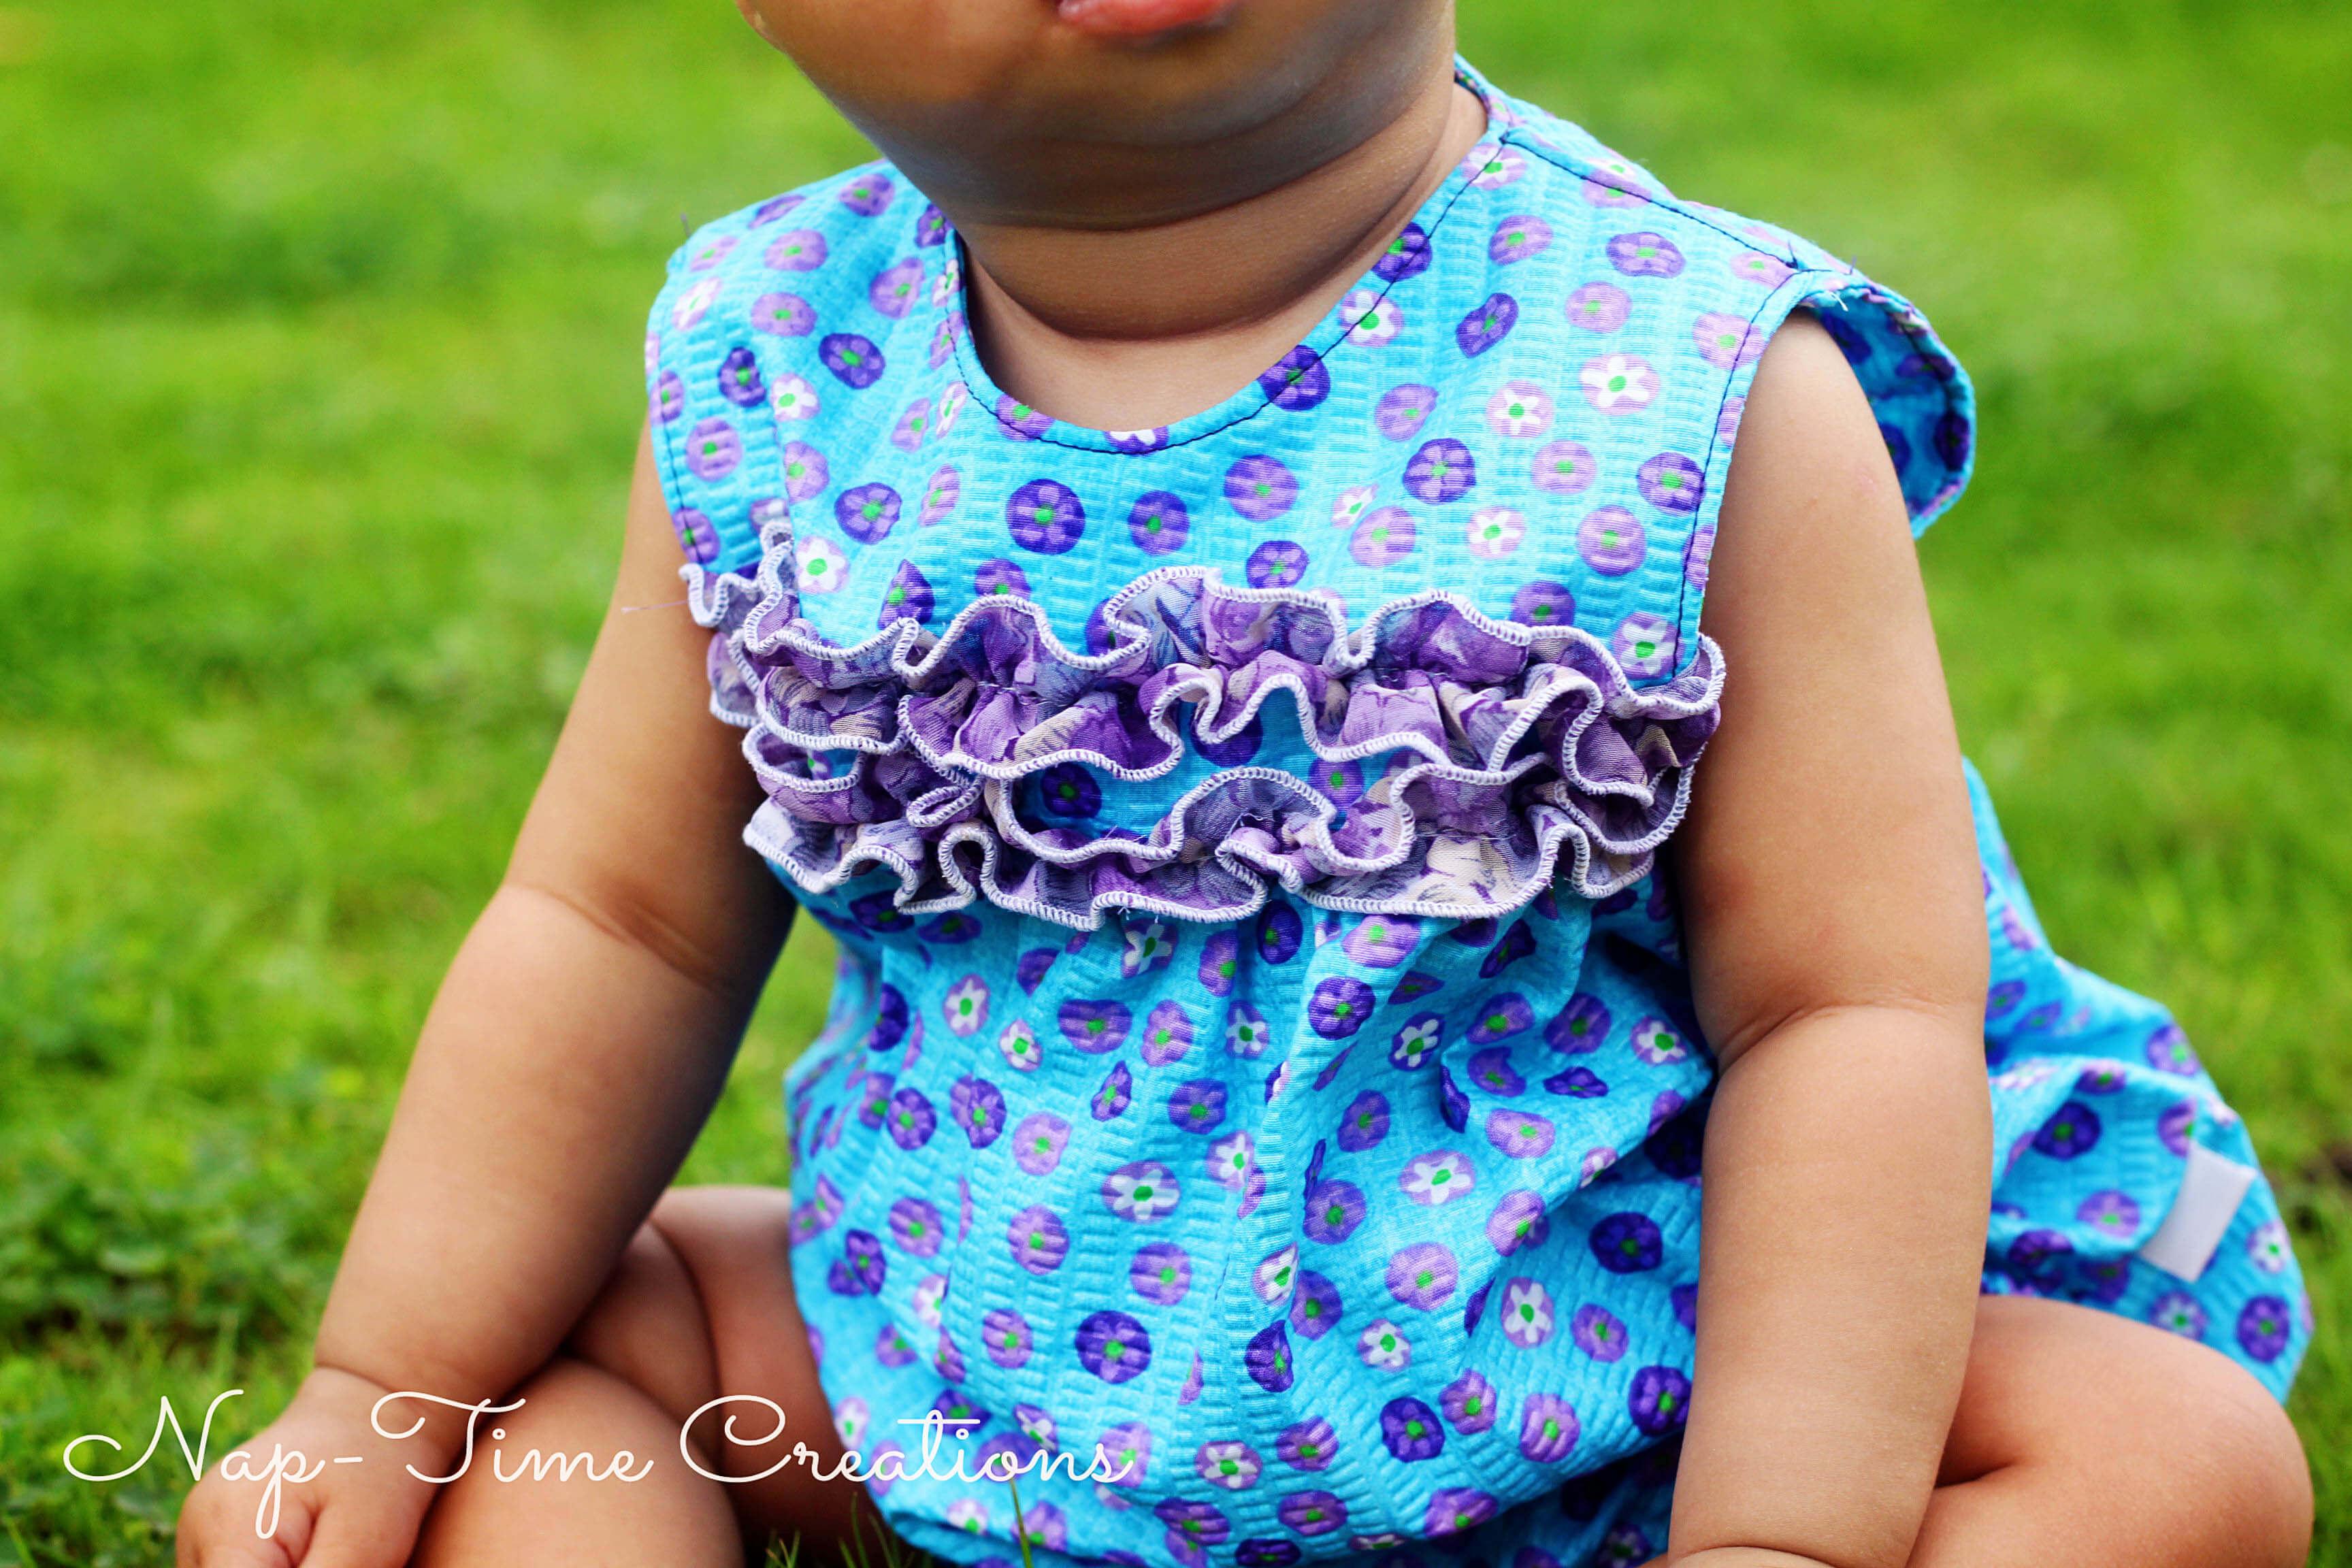 Free romper pattern 0 12 months life sew savory free romper pattern size 0 9 months sewing sewingforkids baby jeuxipadfo Gallery